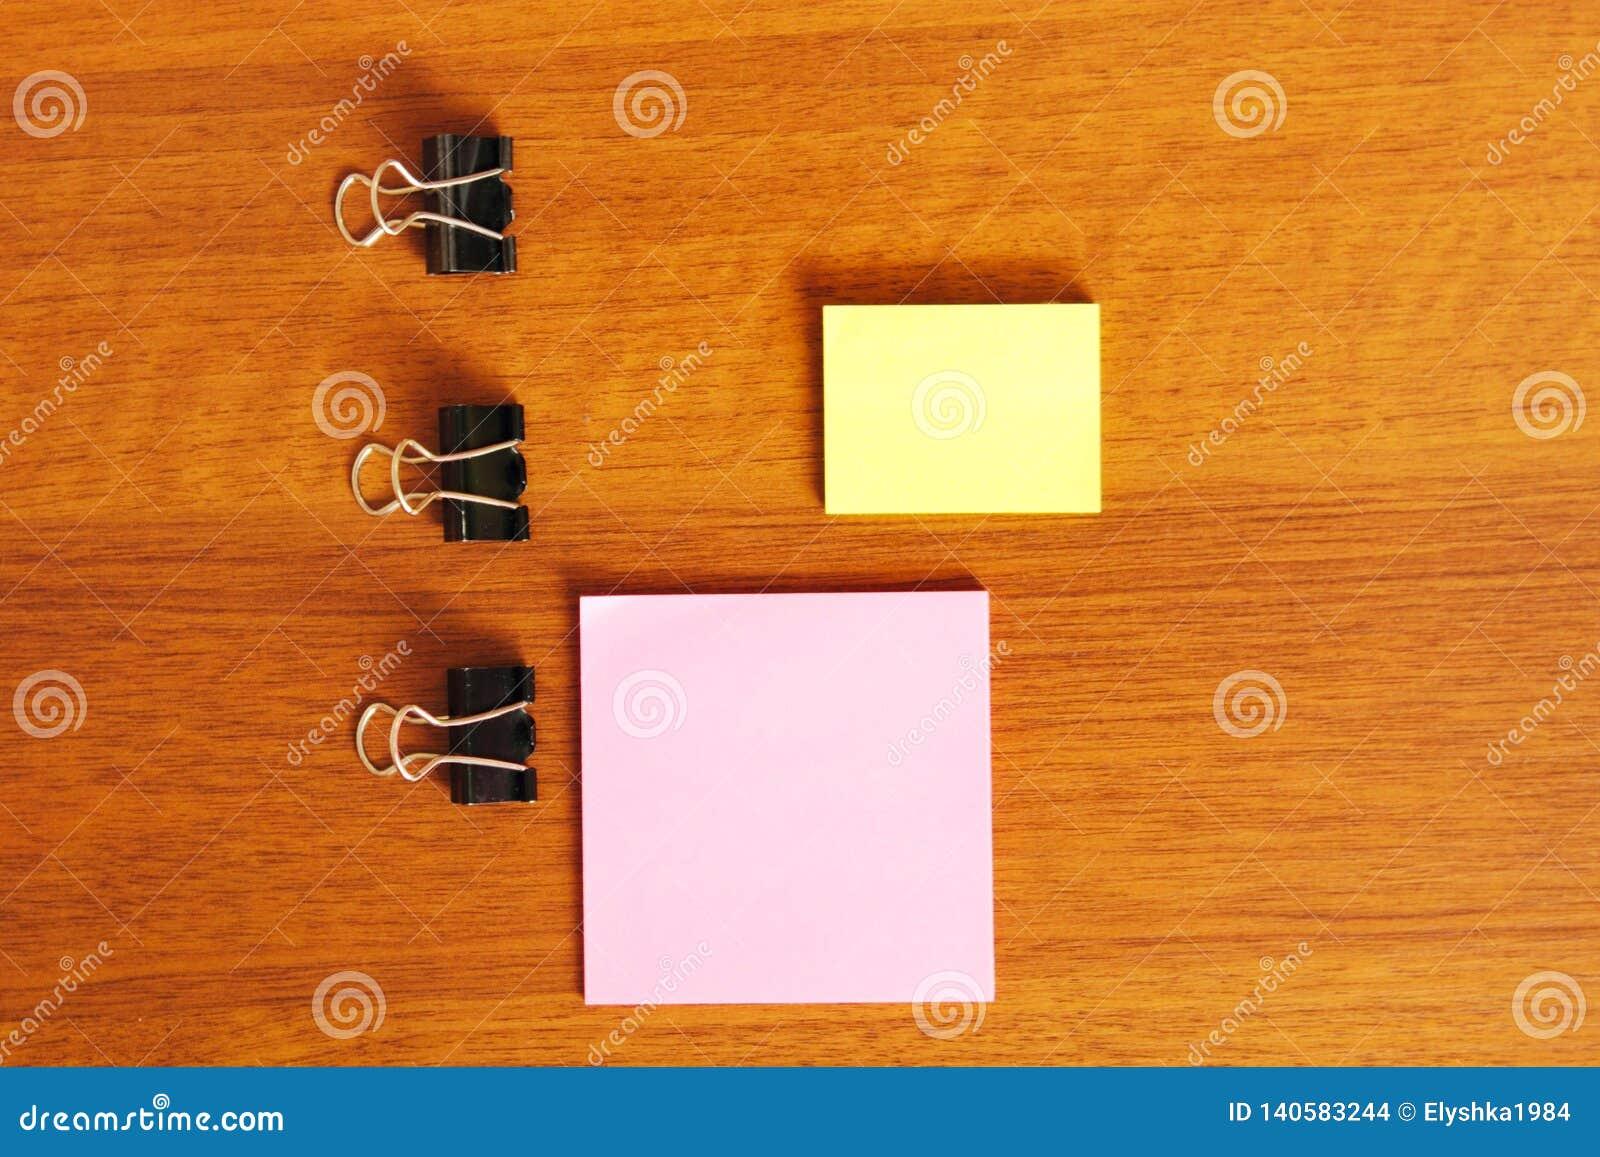 Etiquetas para notas em um fundo de madeira